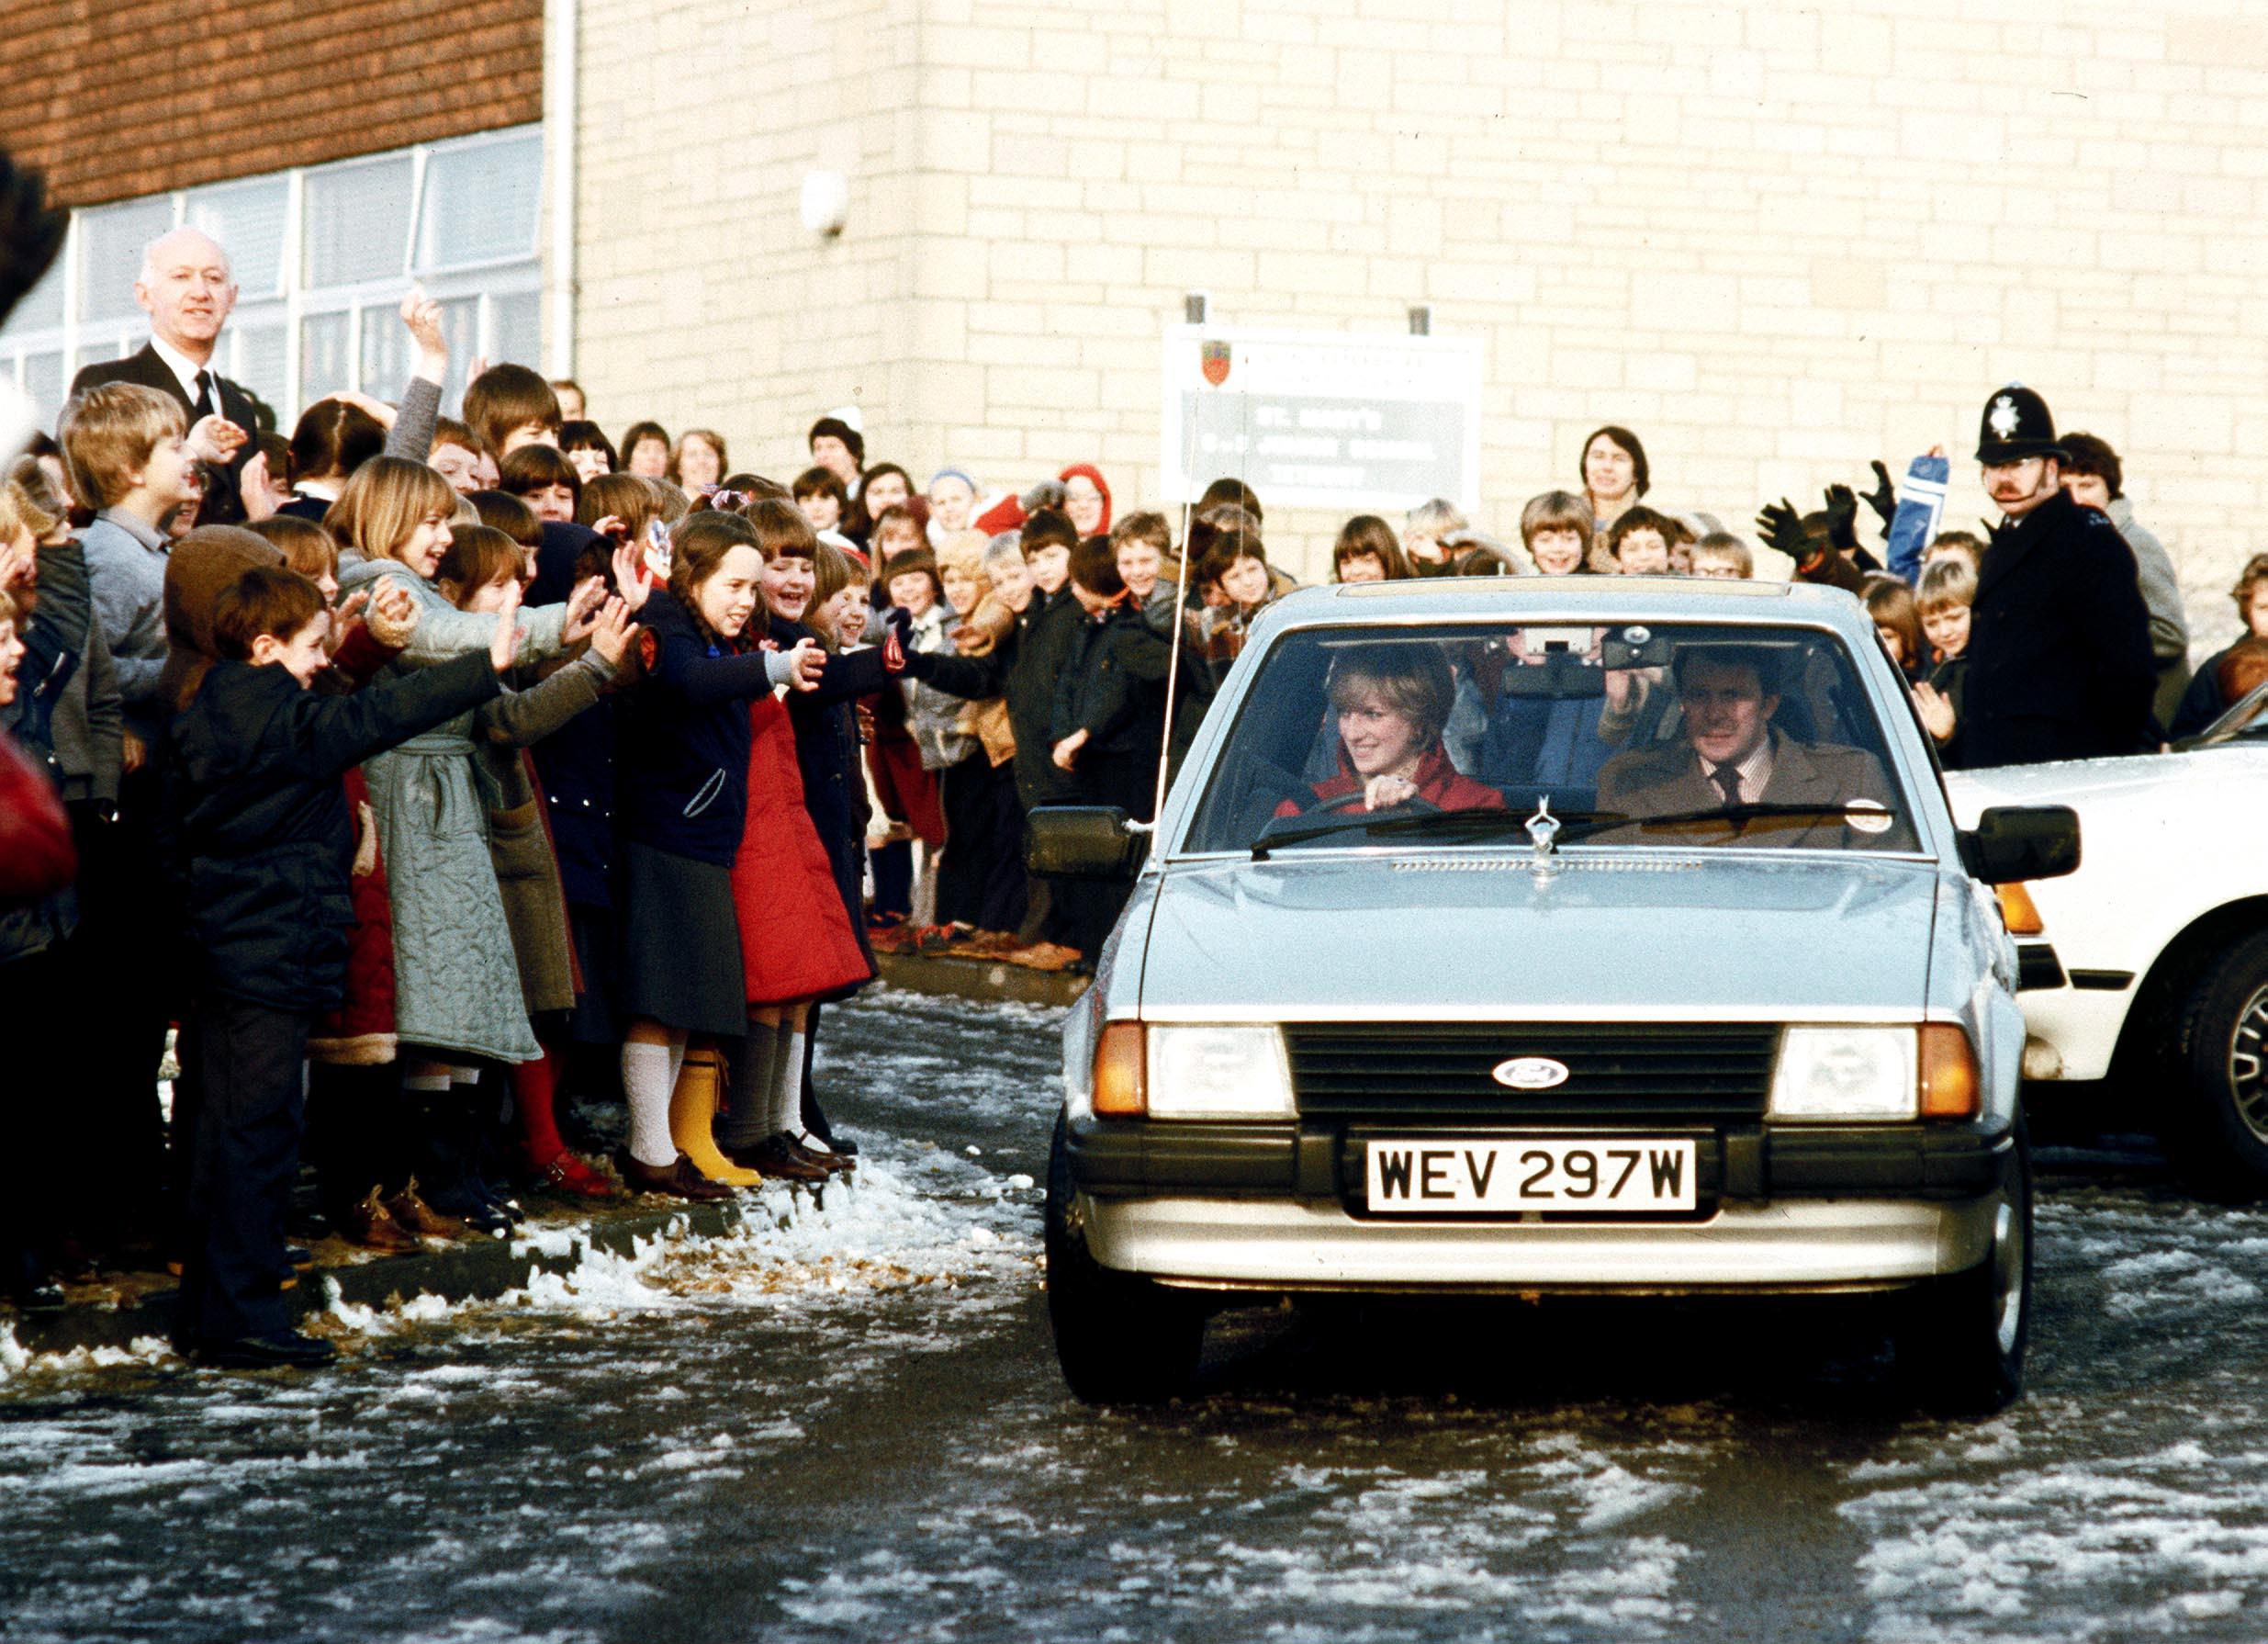 Ford Escort Princesse Diana